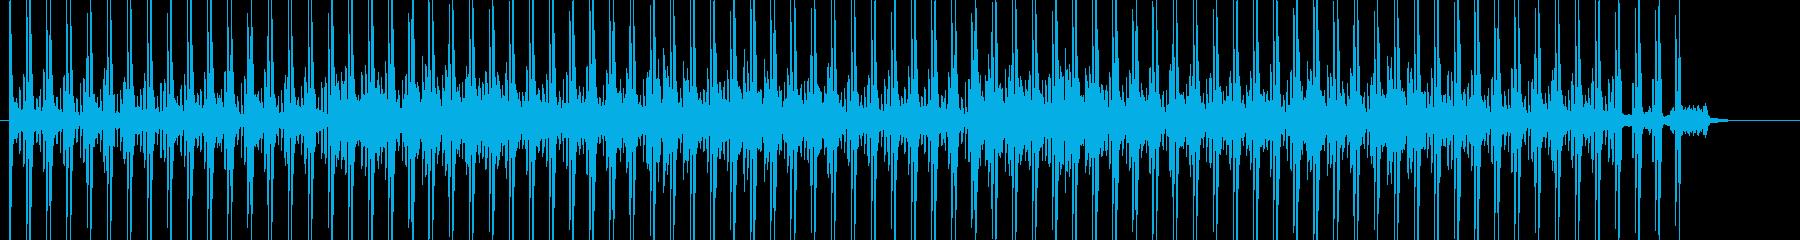 警戒心、ミステリーなテクノ系BGMの再生済みの波形